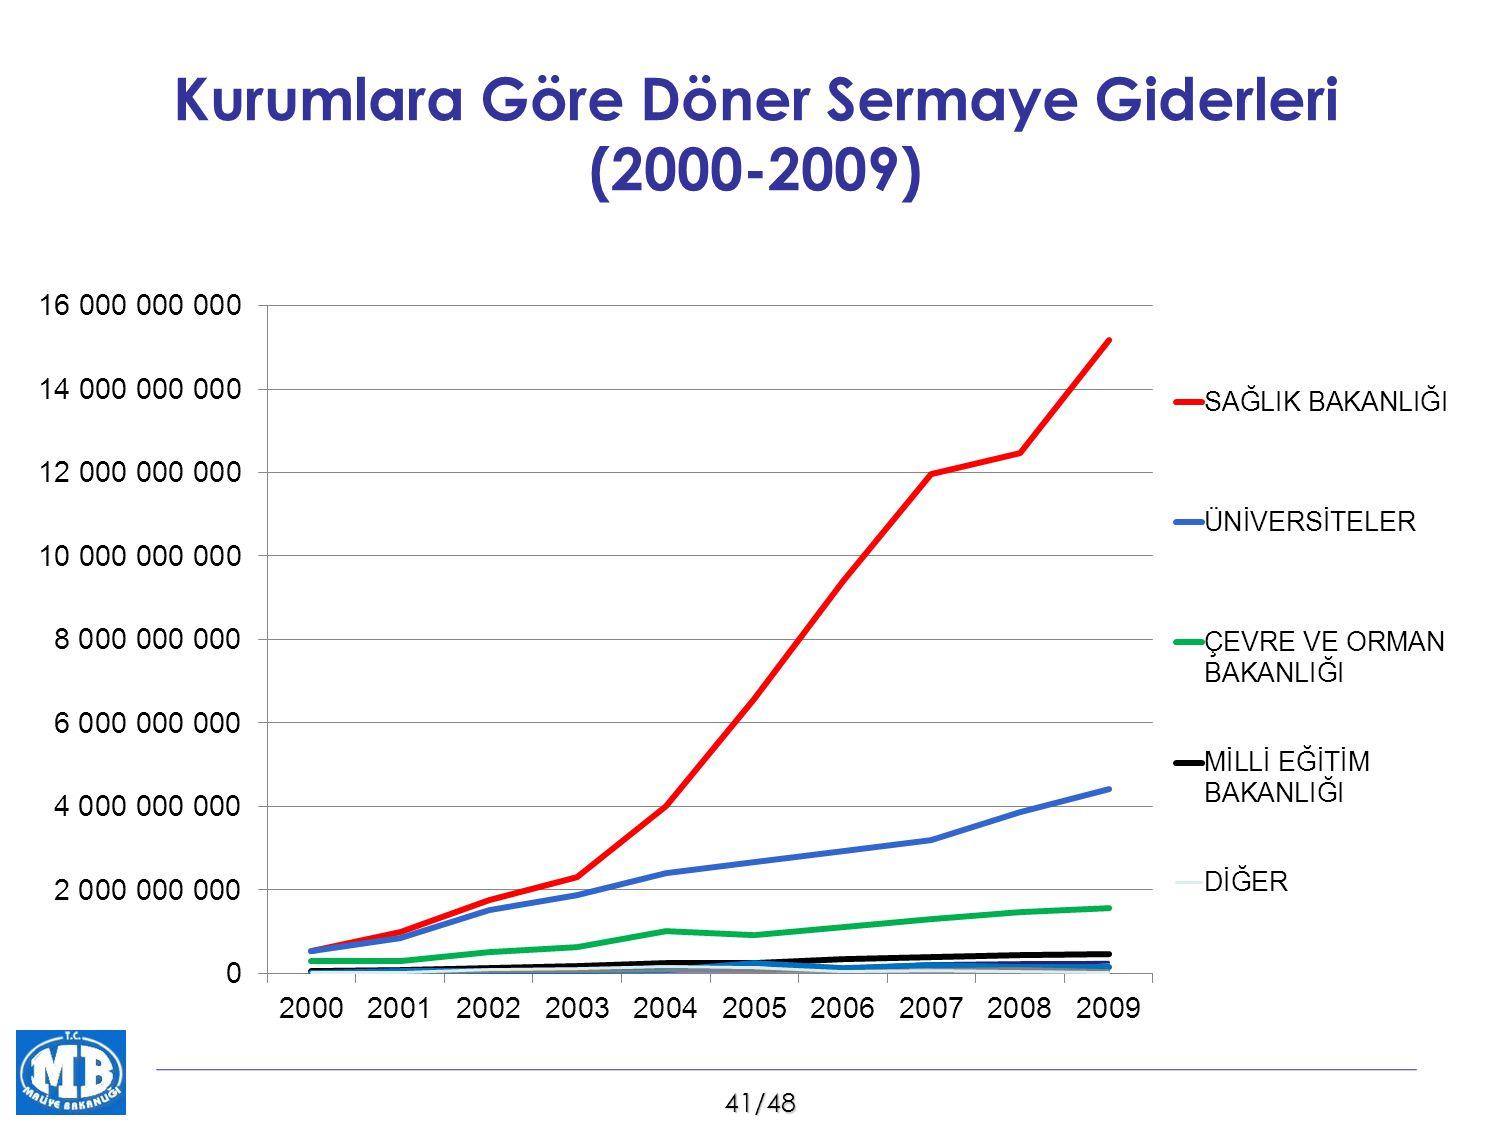 Kurumlara Göre Döner Sermaye Giderleri (2000-2009)